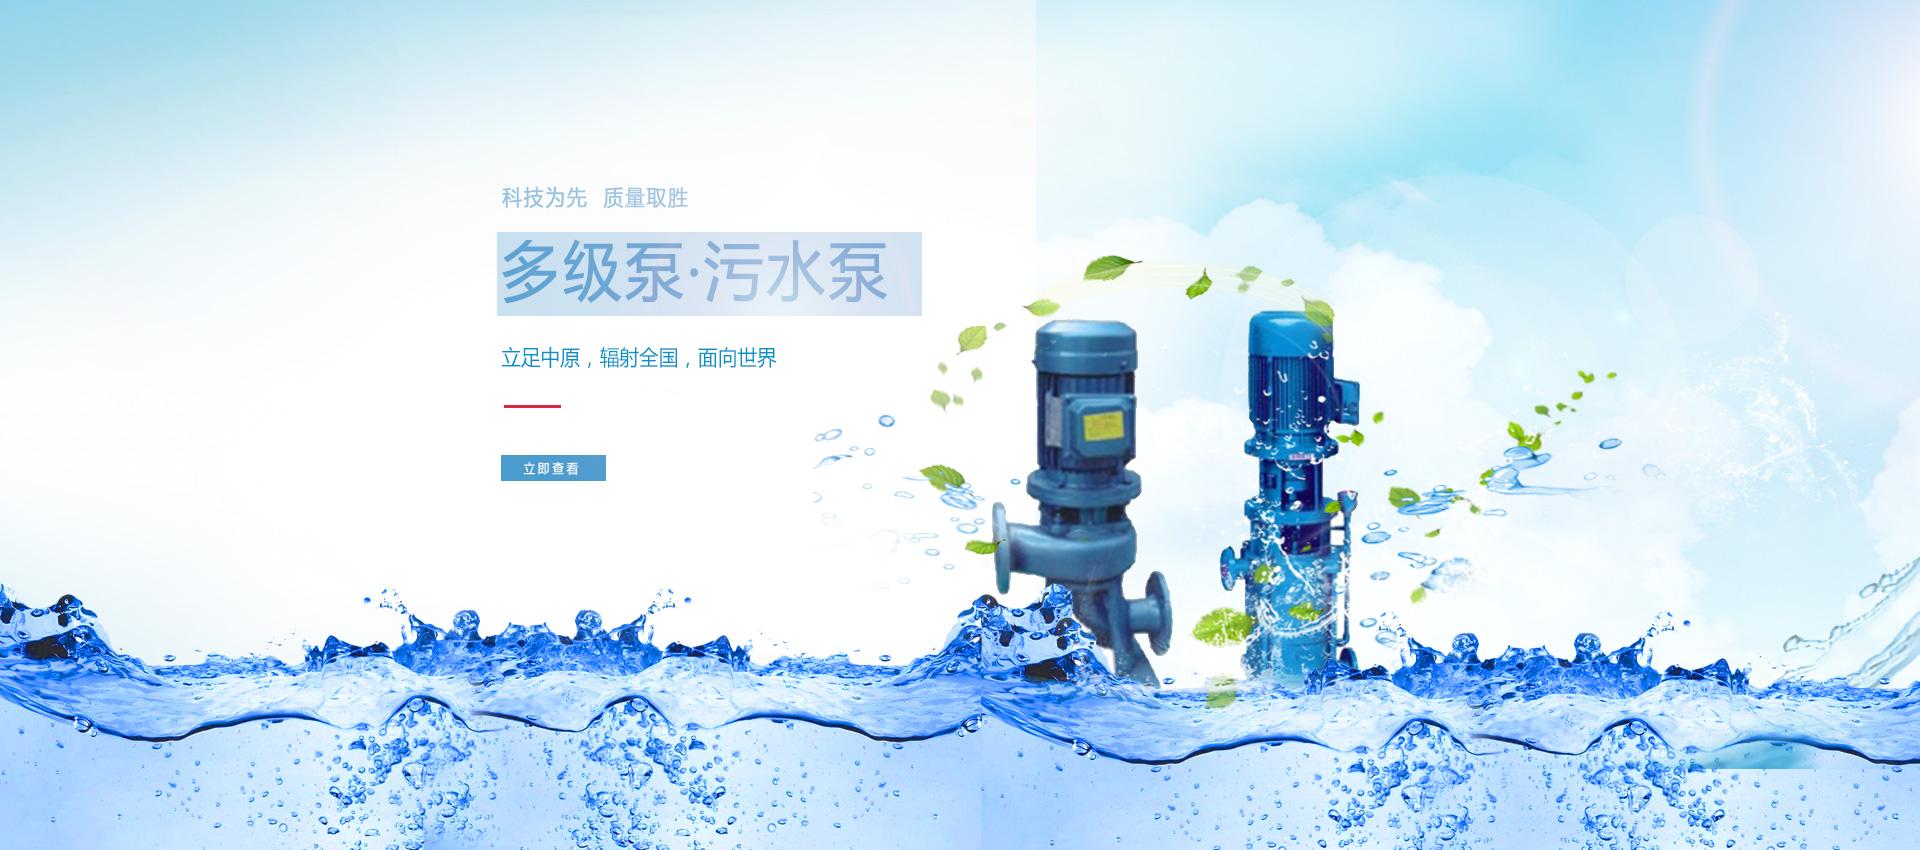 清水泵厂家